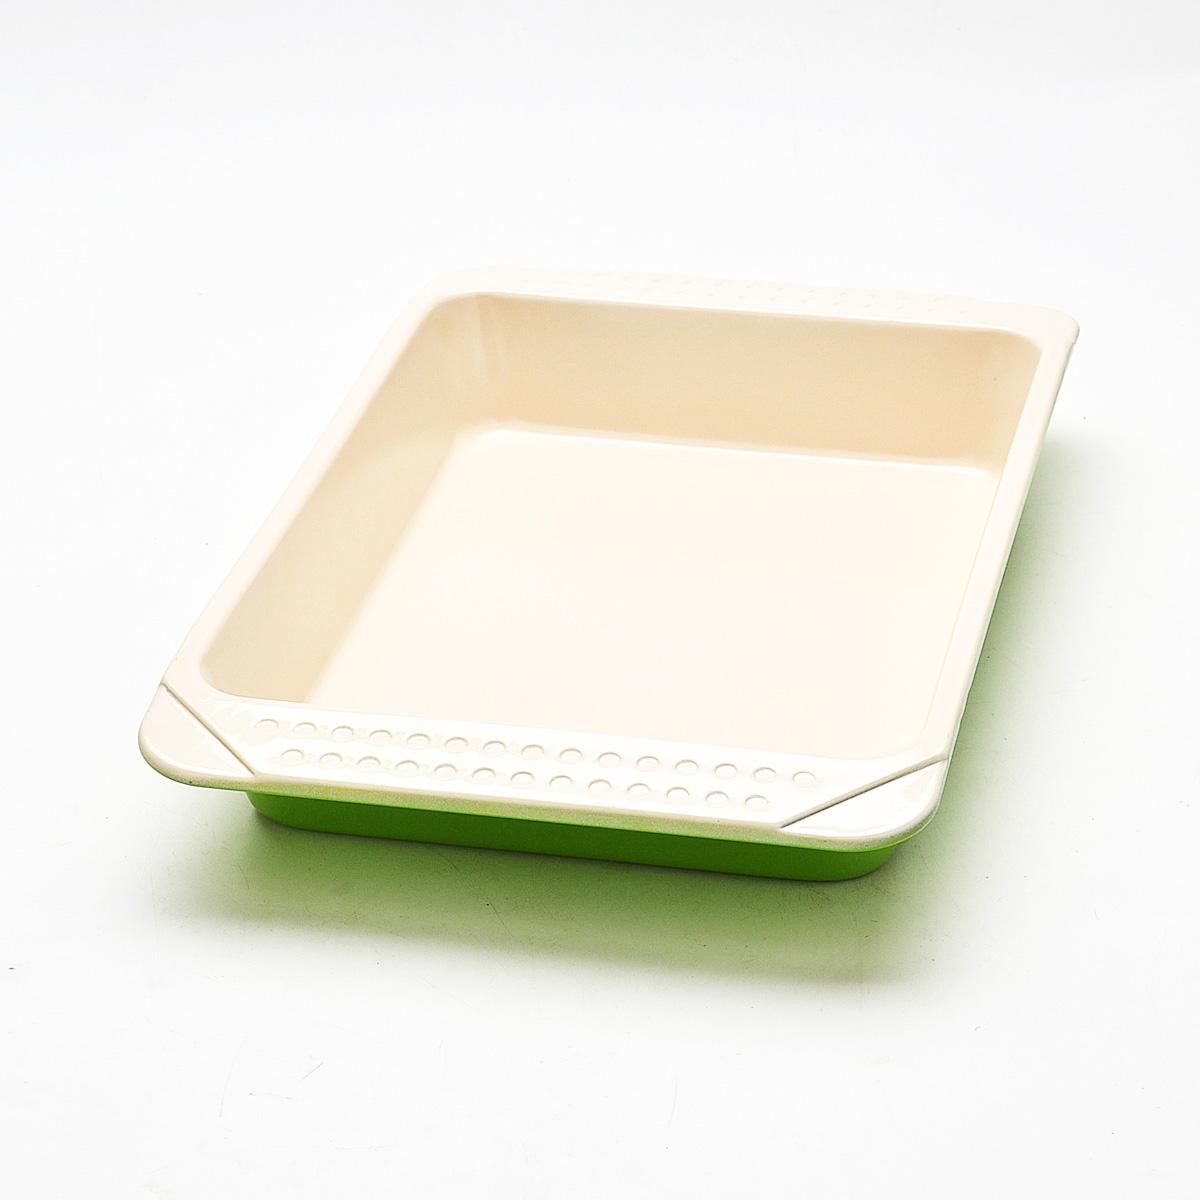 """Противень """"Mayer & Boch"""" изготовлен из высококачественной углеродистой стали с керамическим покрытием. Жаропрочное покрытие безопасно для человека, не содержит вредных примесей PFOA и PTFE. Простой в уходе и долговечный в использовании противень станет верным помощником в создании ваших кулинарных шедевров.  Подходит для использования в духовом шкафу. Не подходит для СВЧ-печей. Не рекомендуется мыть в посудомоечной машине. Используйте только деревянные и пластиковые лопатки.   Размер (с учетом ручек): 41 см х 27 см х 4,7 см.  Размер (по внутреннему краю): 33 см х 23 см х 5,5 см. Высота стенок: 5,5 см."""